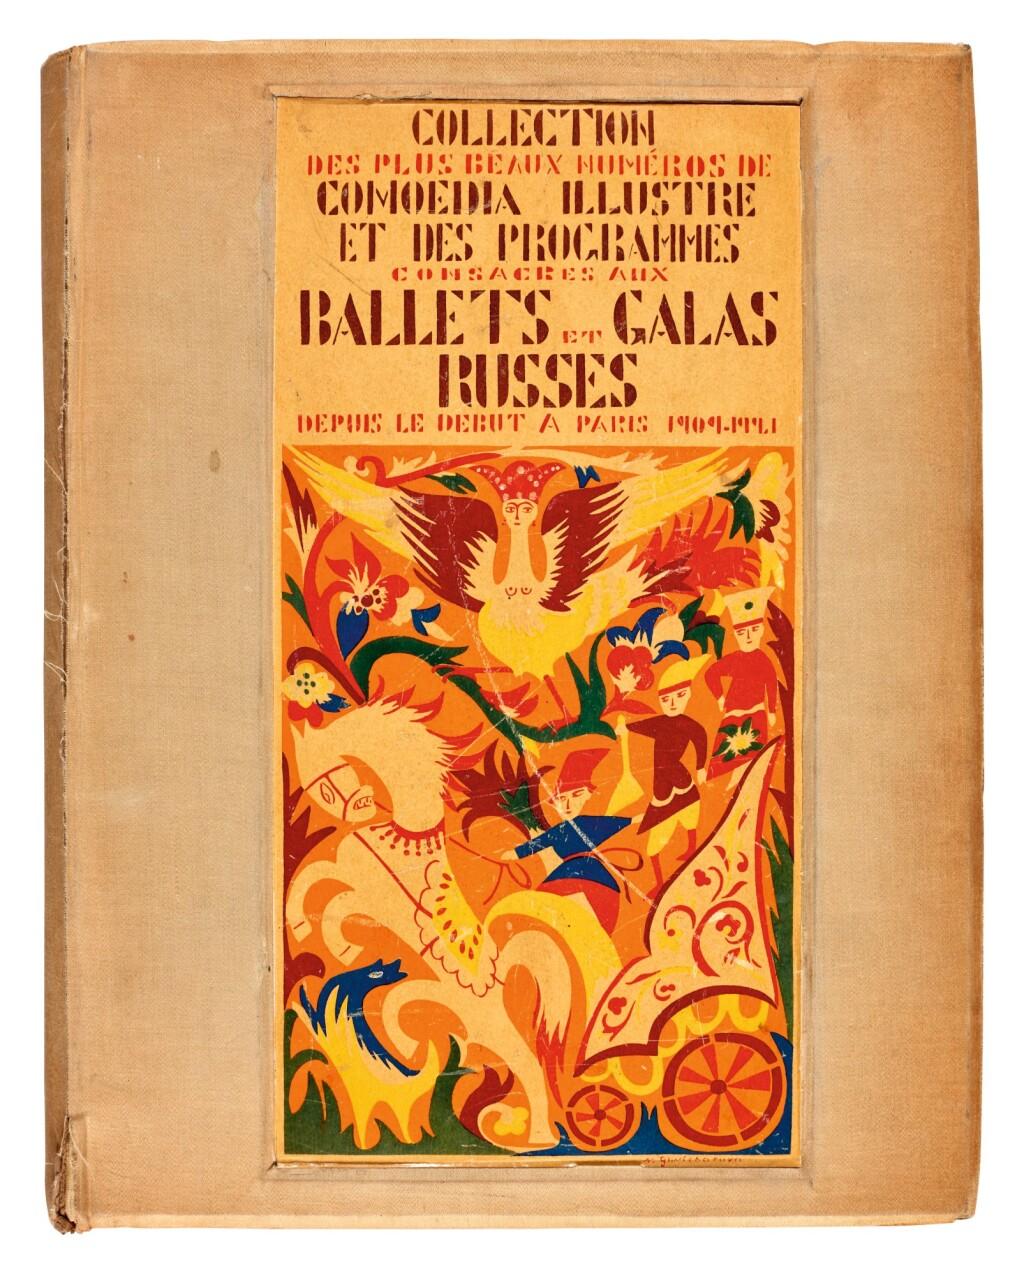 BALLETS RUSSES | COLLECTION DES PLUS BEAUX NUMÉROS DE COMOEDIA ILLUSTRÉ ET DES PROGRAMMES CONSACRÉS AUX BALLETS & GALAS RUSSES DEPUIS LE DÉBUT A PARIS 1909-1921. PARIS: M. DE BRUNOFF, [1922]